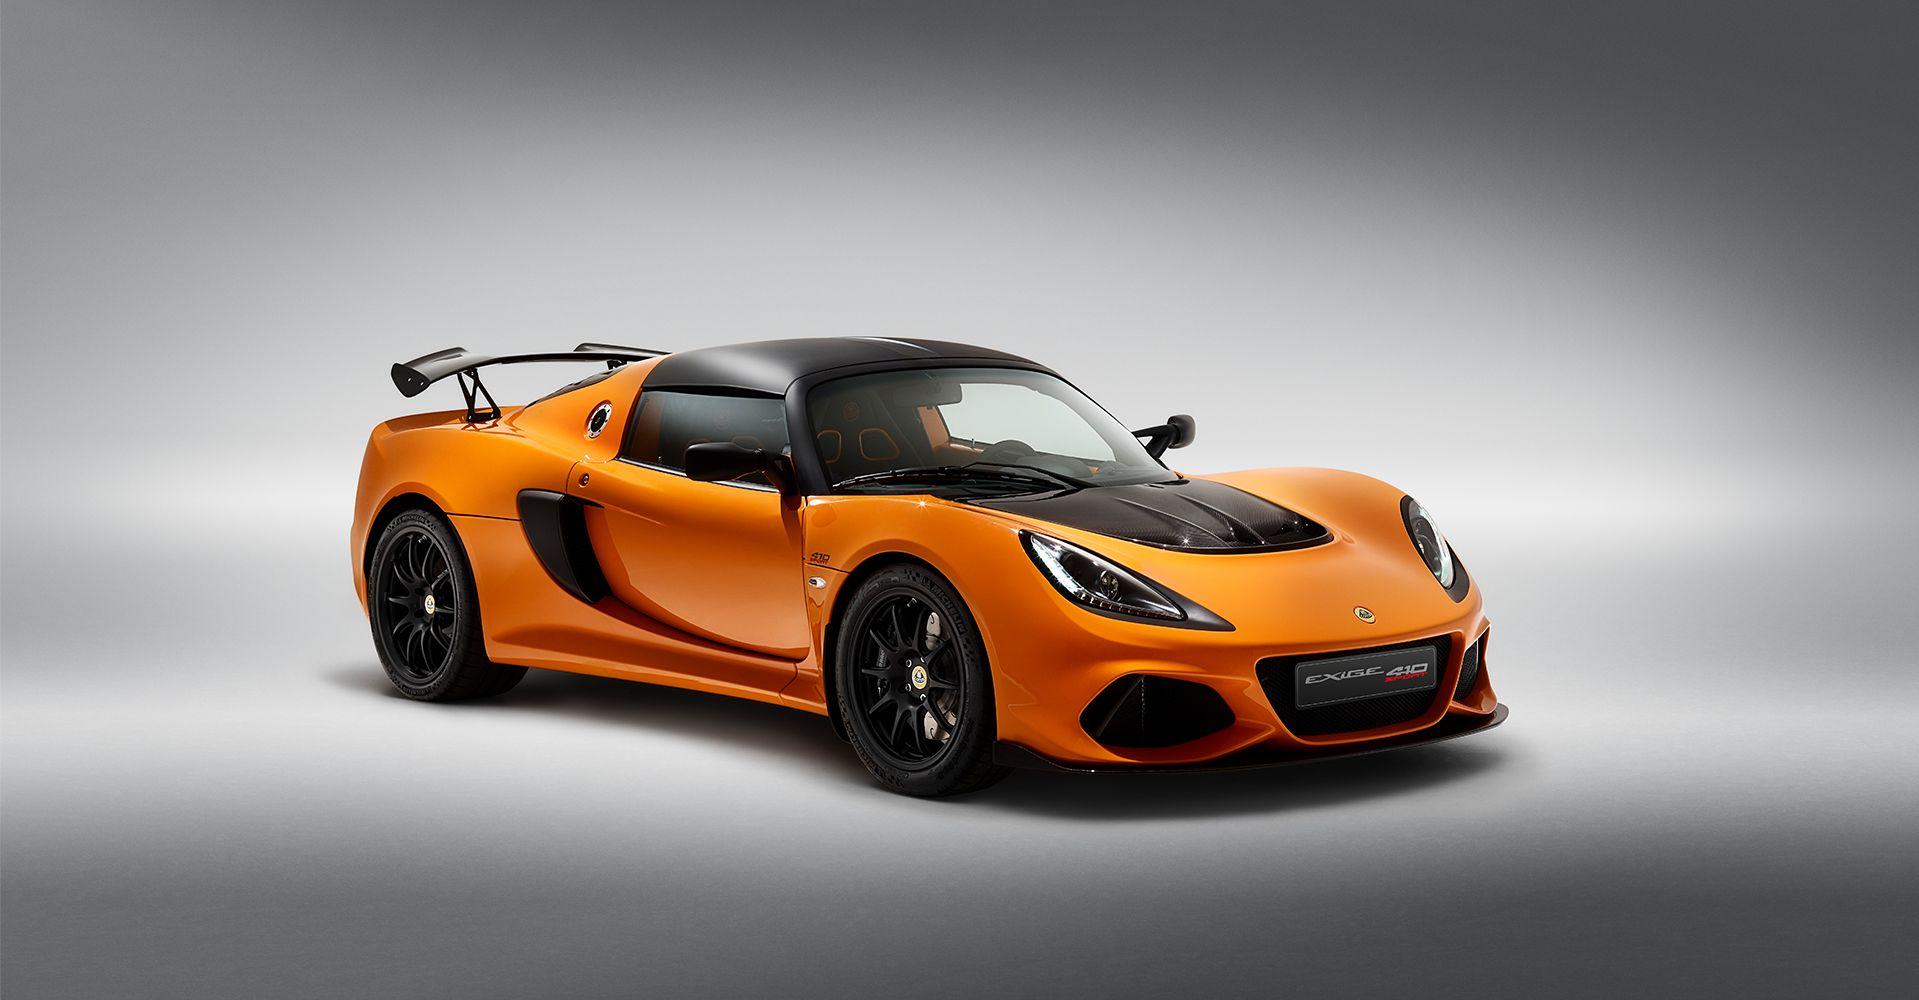 Exige Sport 410 Front Result - Central Lotus